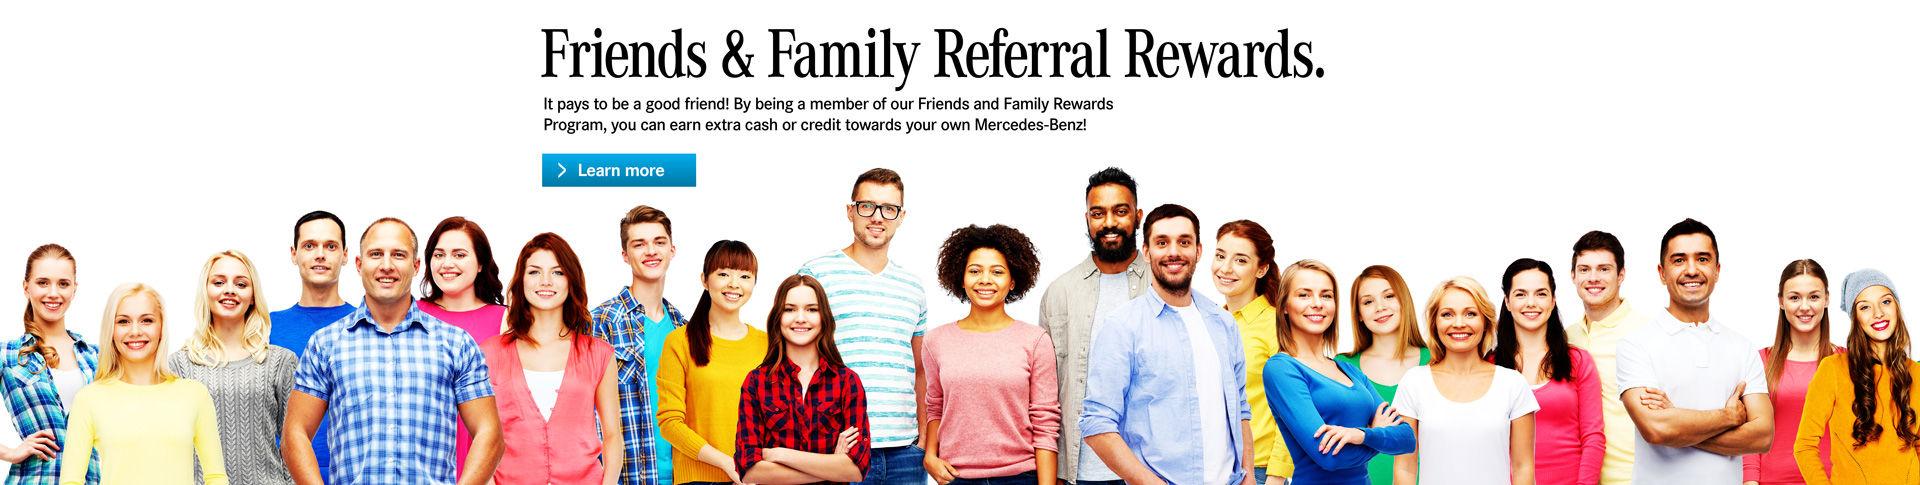 Refferal Rewards